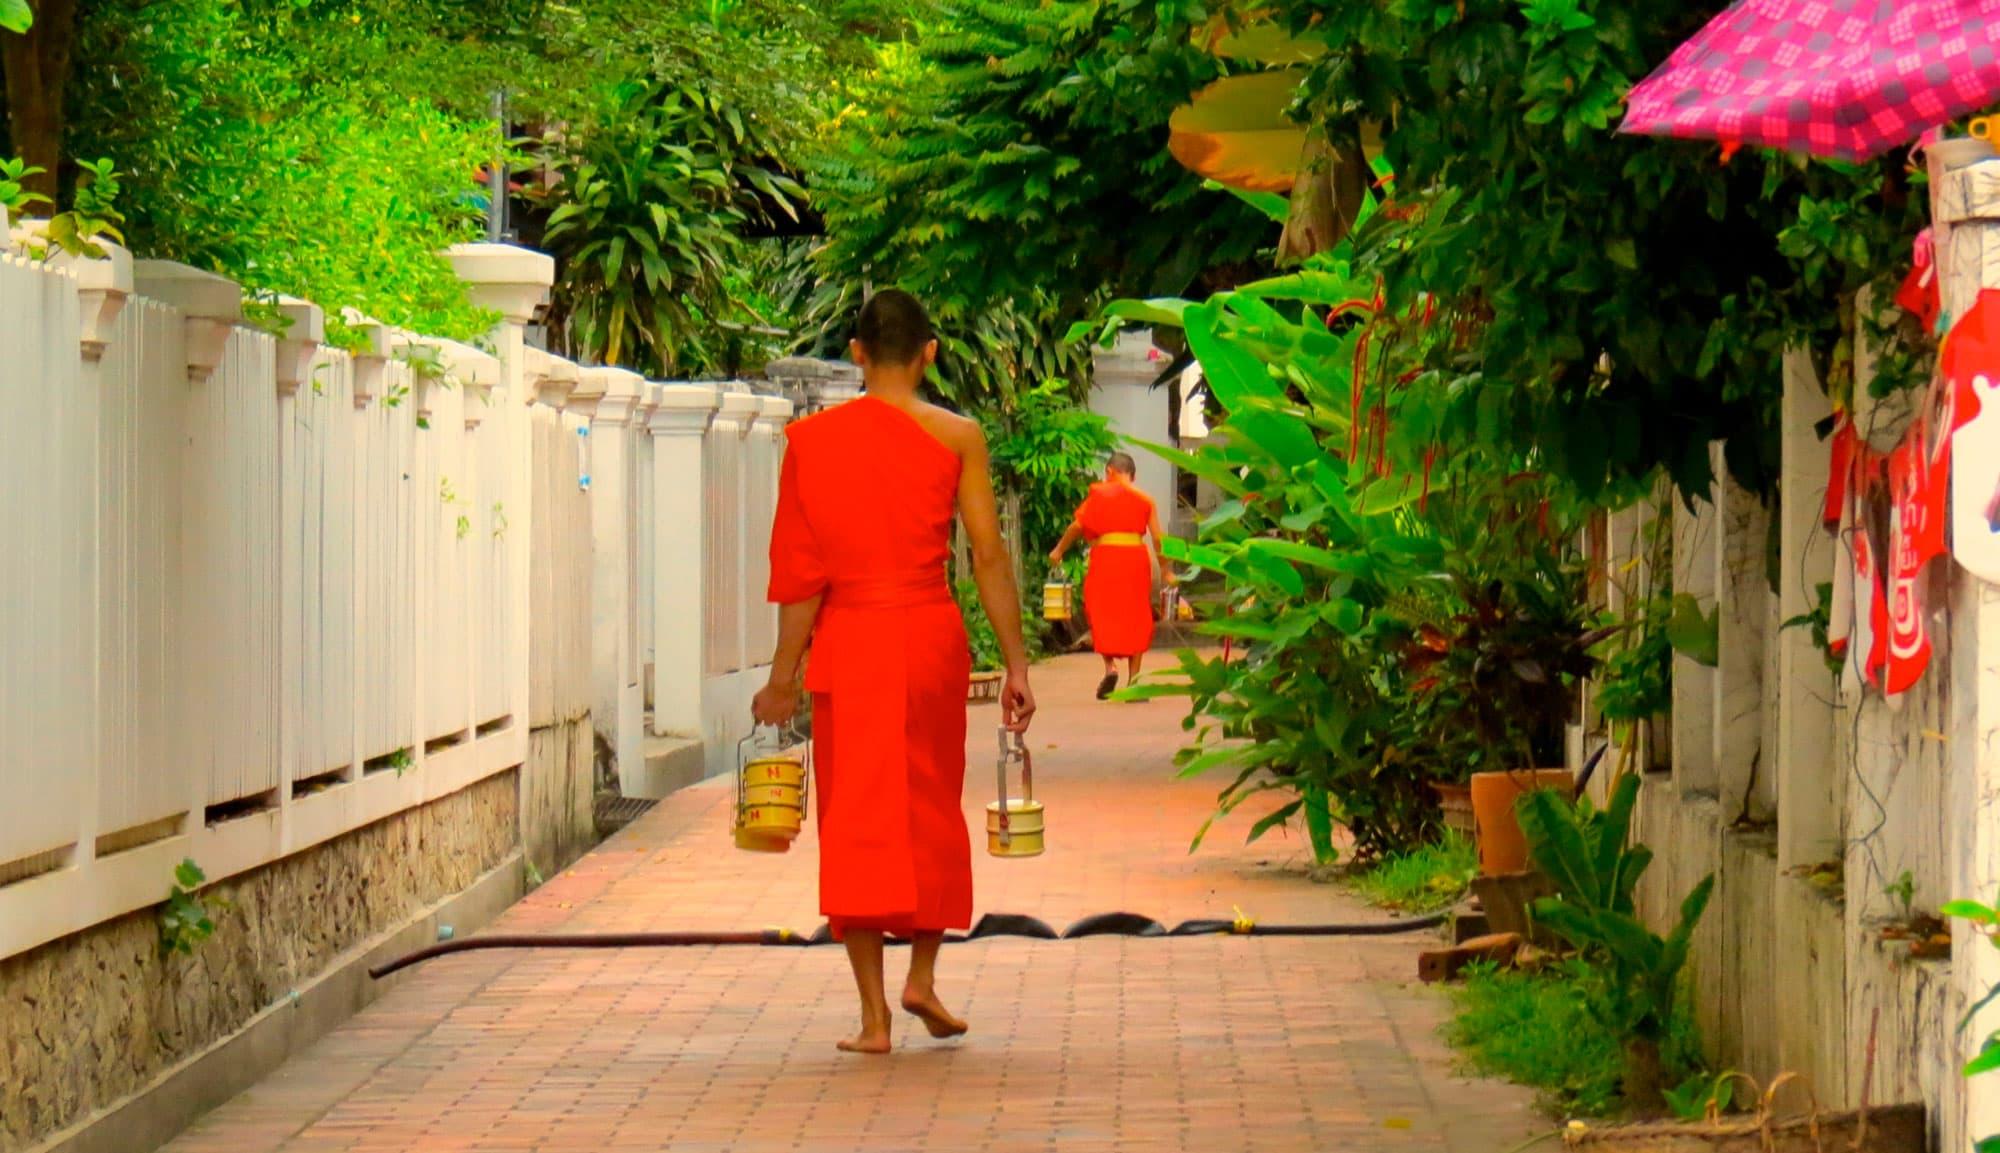 Exploración en Laos - Laos- imagen #3